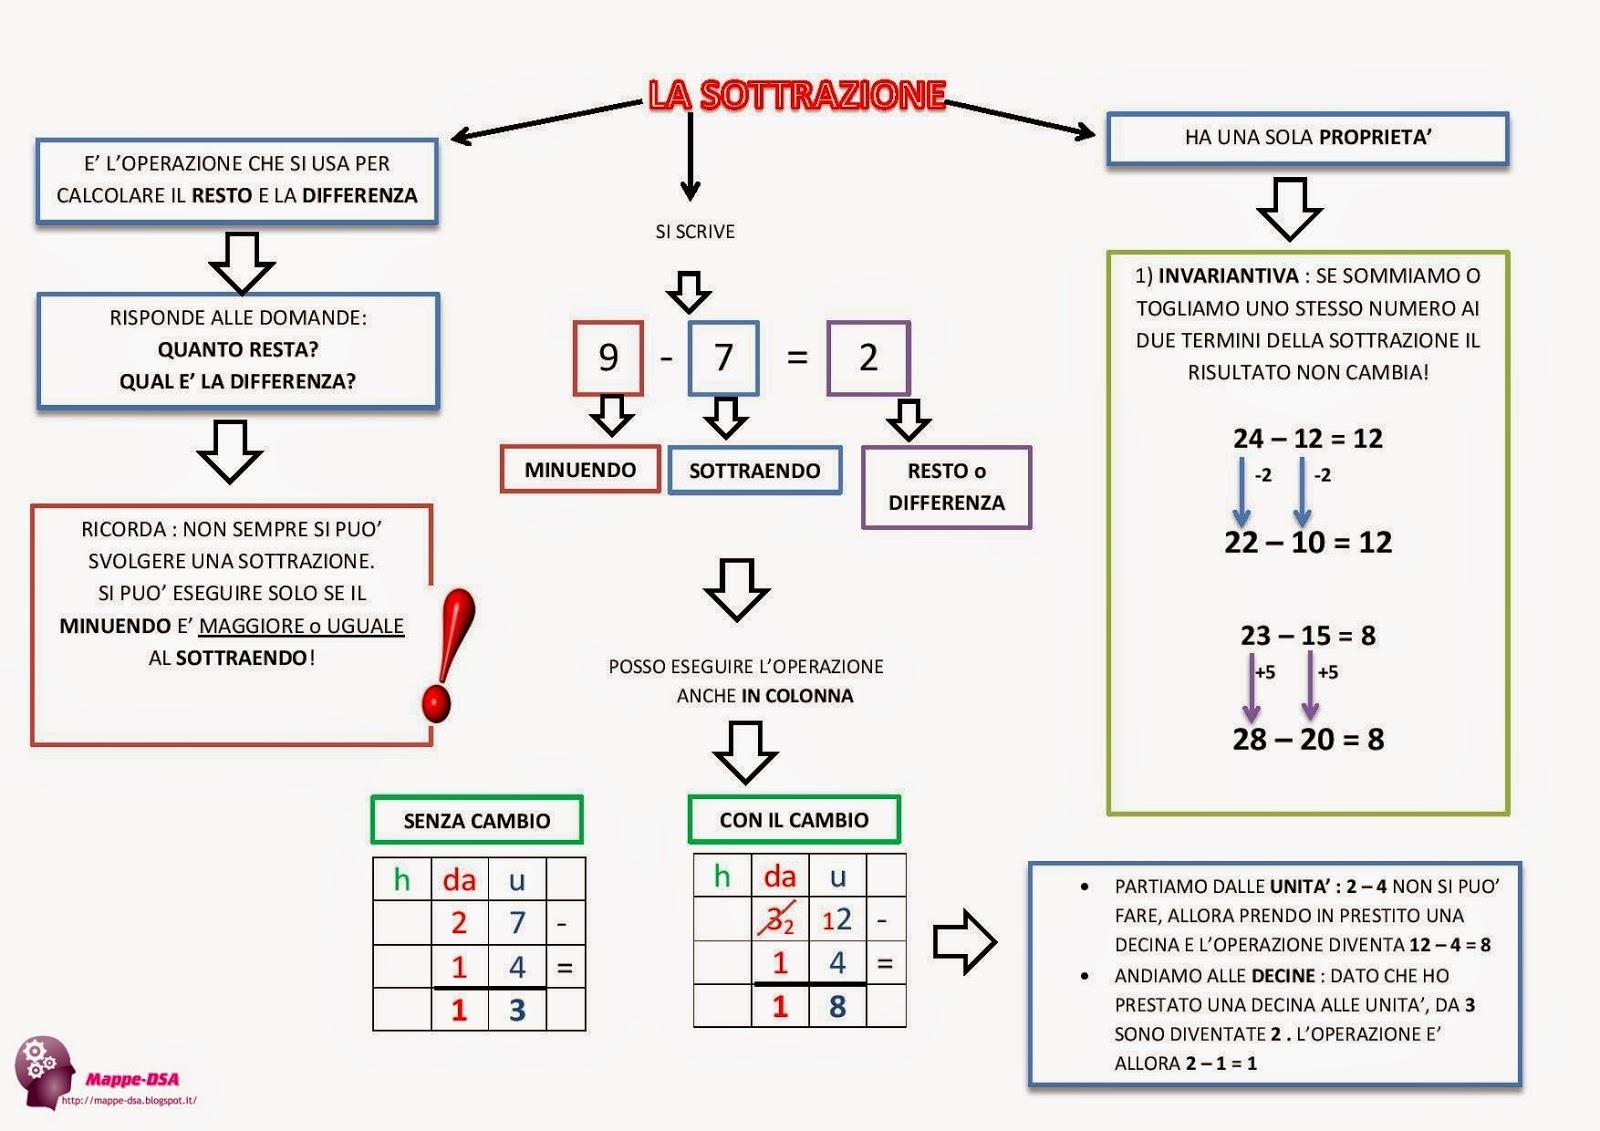 mappa dsa matematica sottrazione